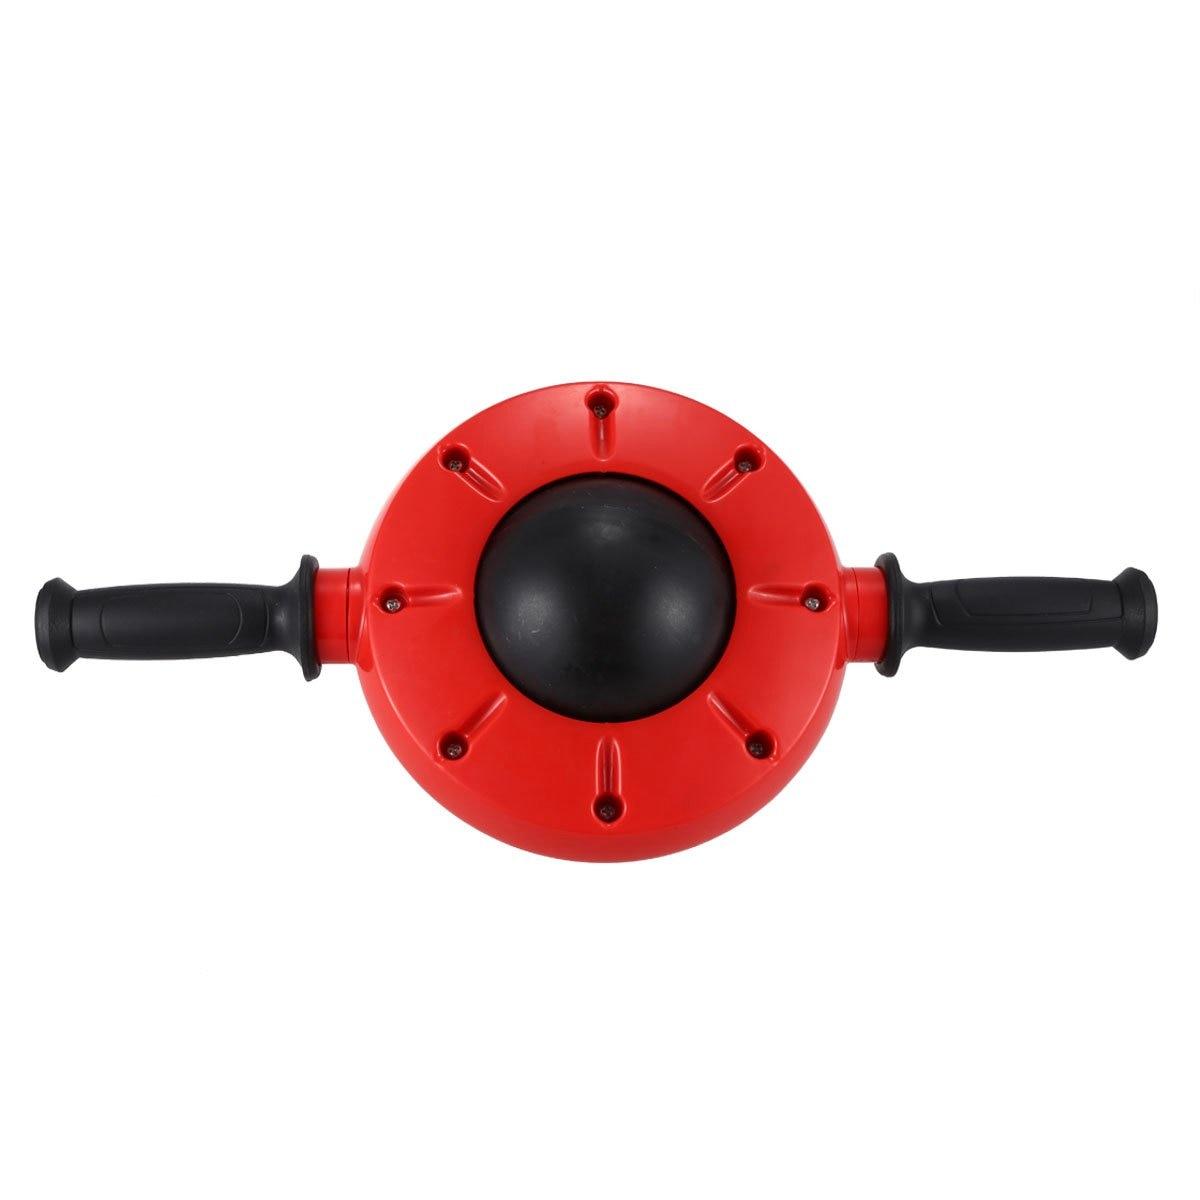 360 Degrés Ménage AB Rouleau De Roue pour Core Abdominale Estomac Exercice Formation-Rouge